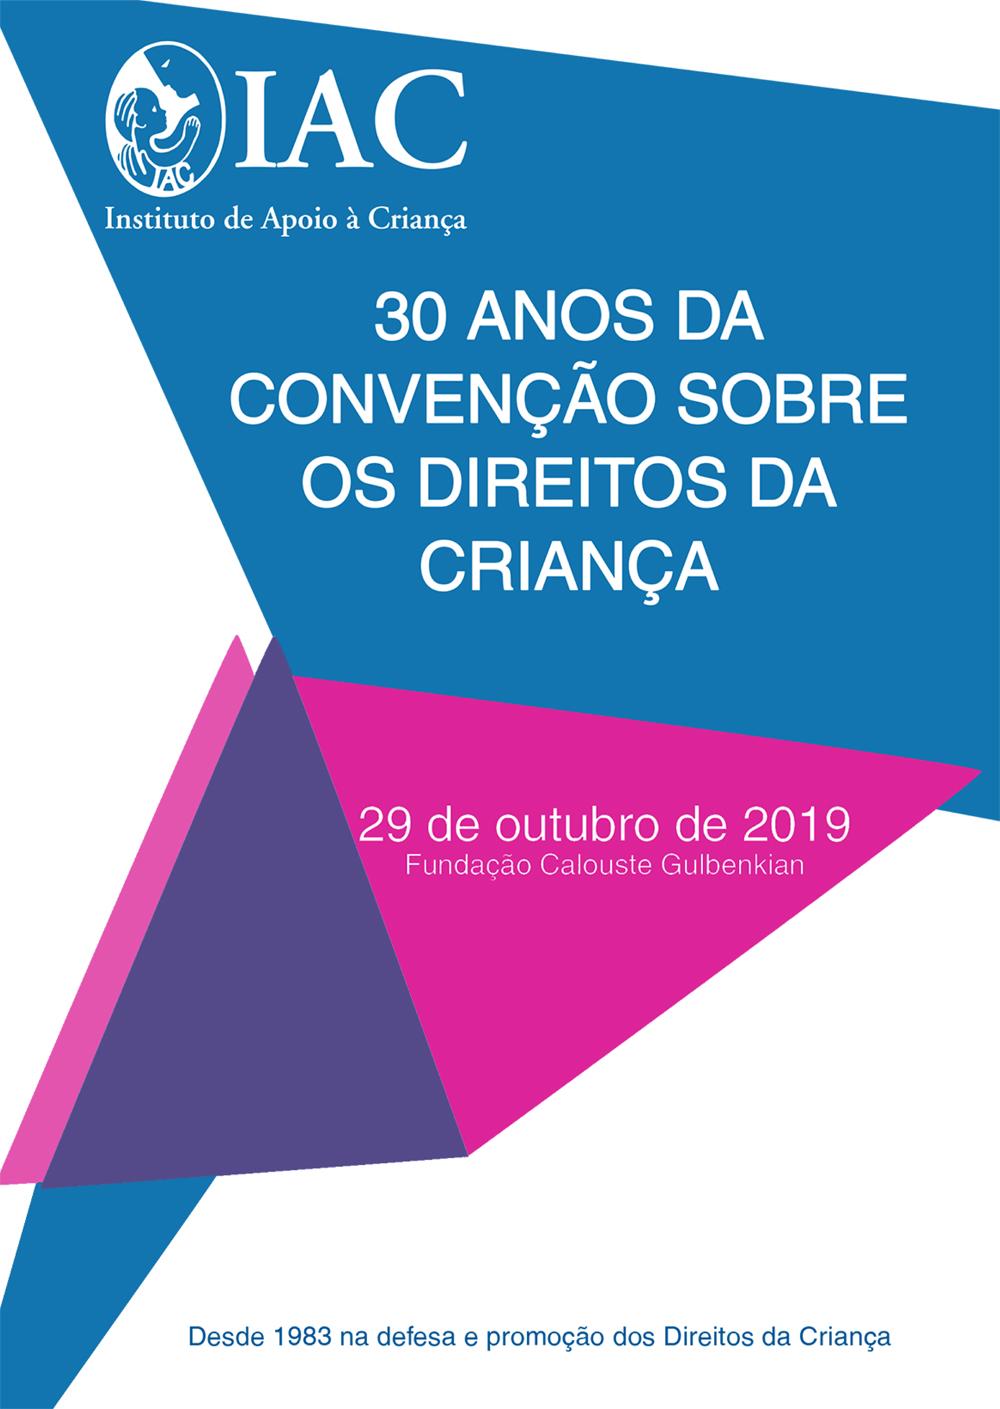 30 anos da Convenção sobre os Direitos da Criança – 29 de outubro de 2019 na Fundação Calouste Gulbenkian